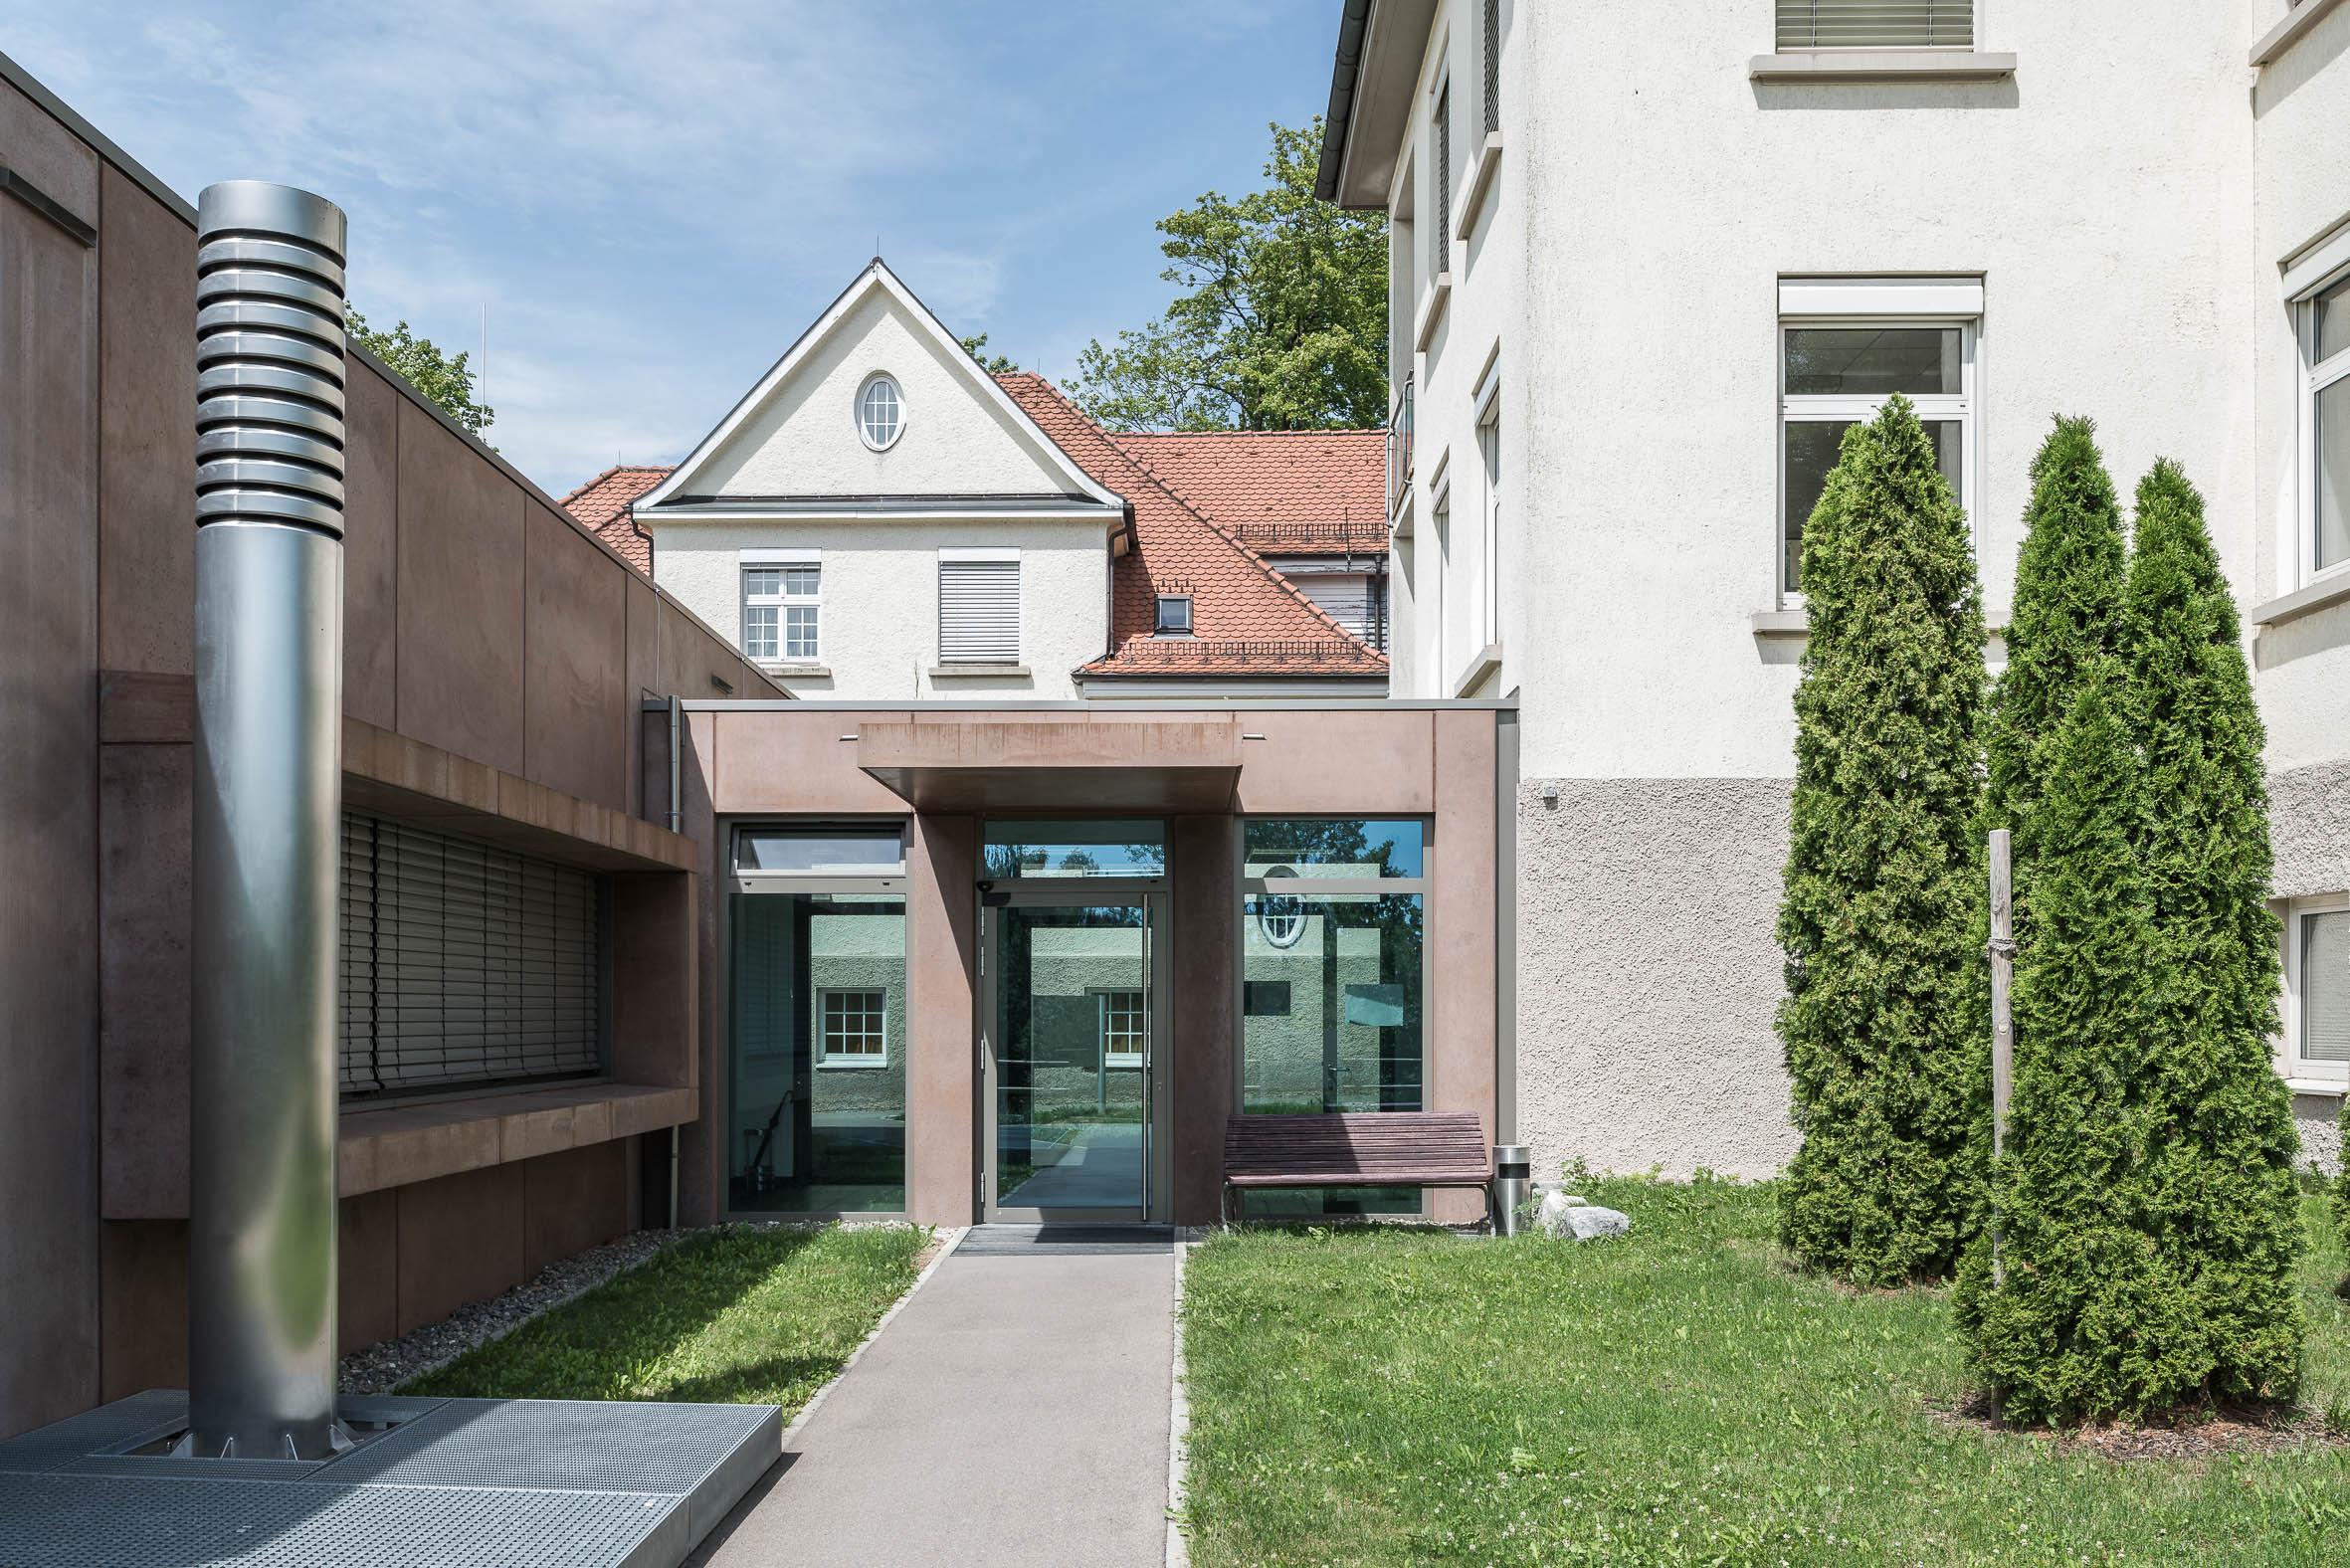 Architekturfotografie Bad Saulgau Ärztehaus